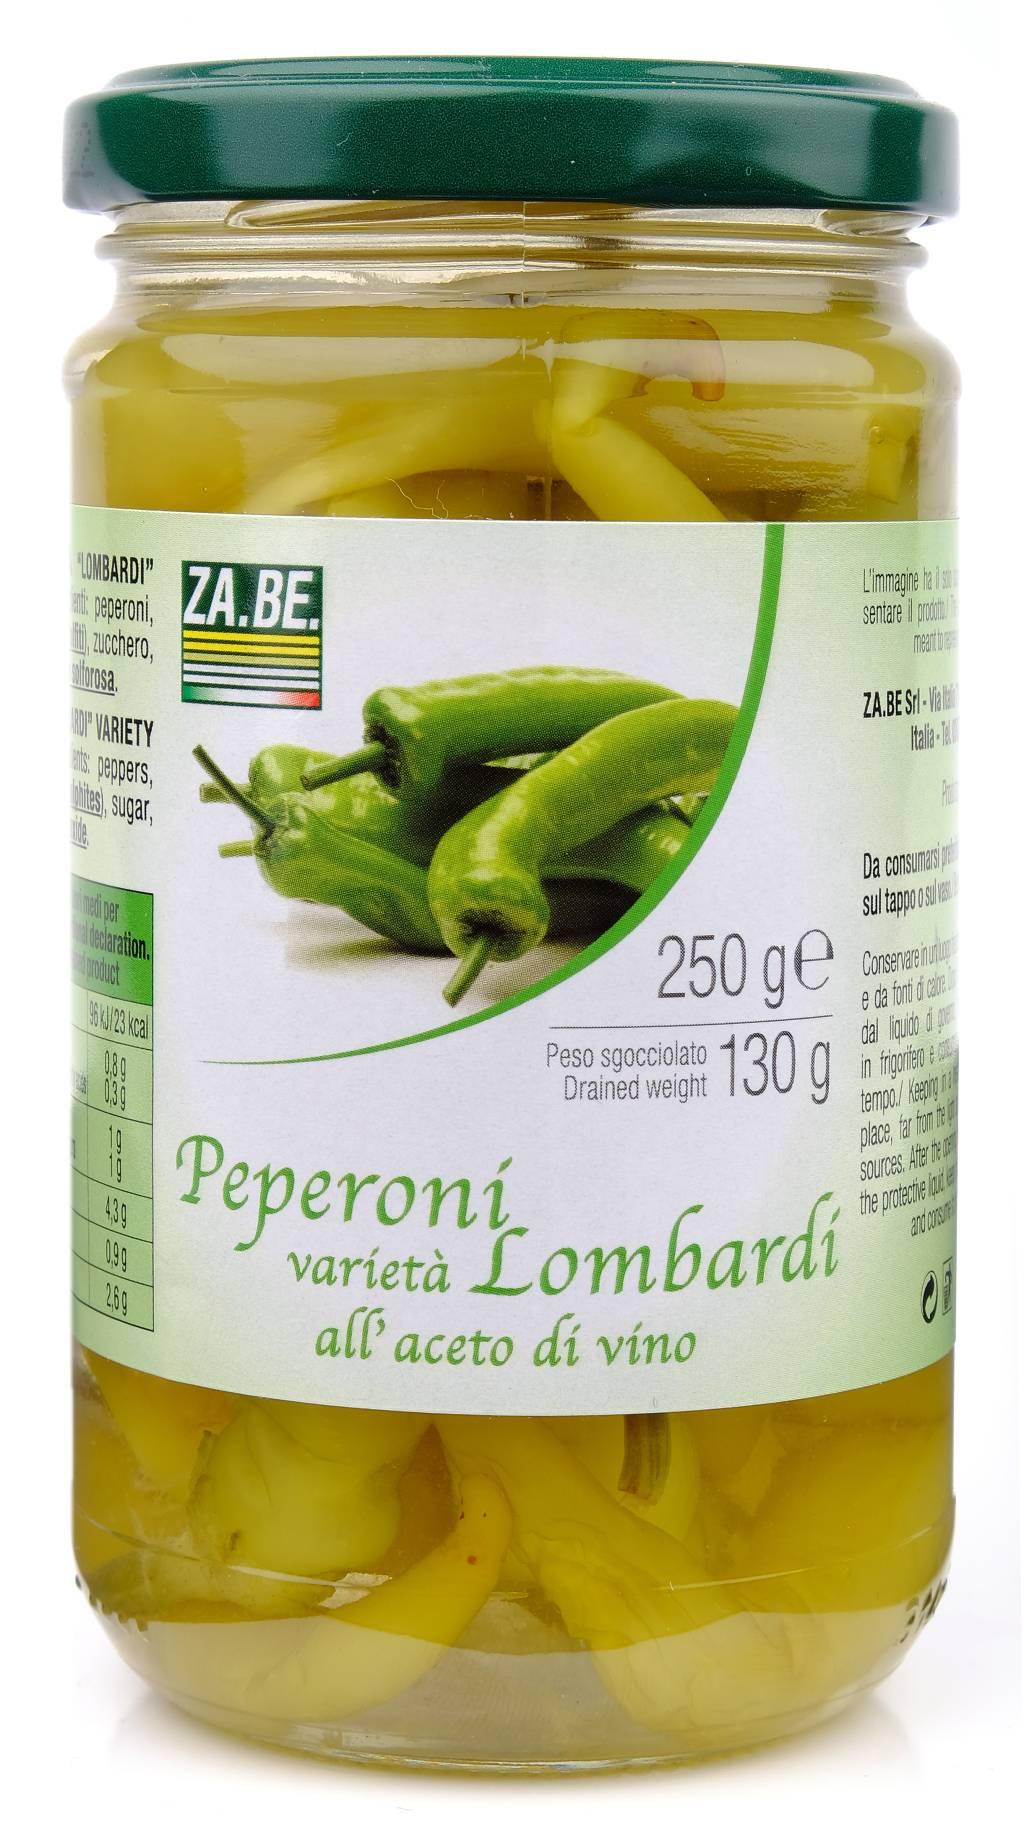 Peperoni Lombardi